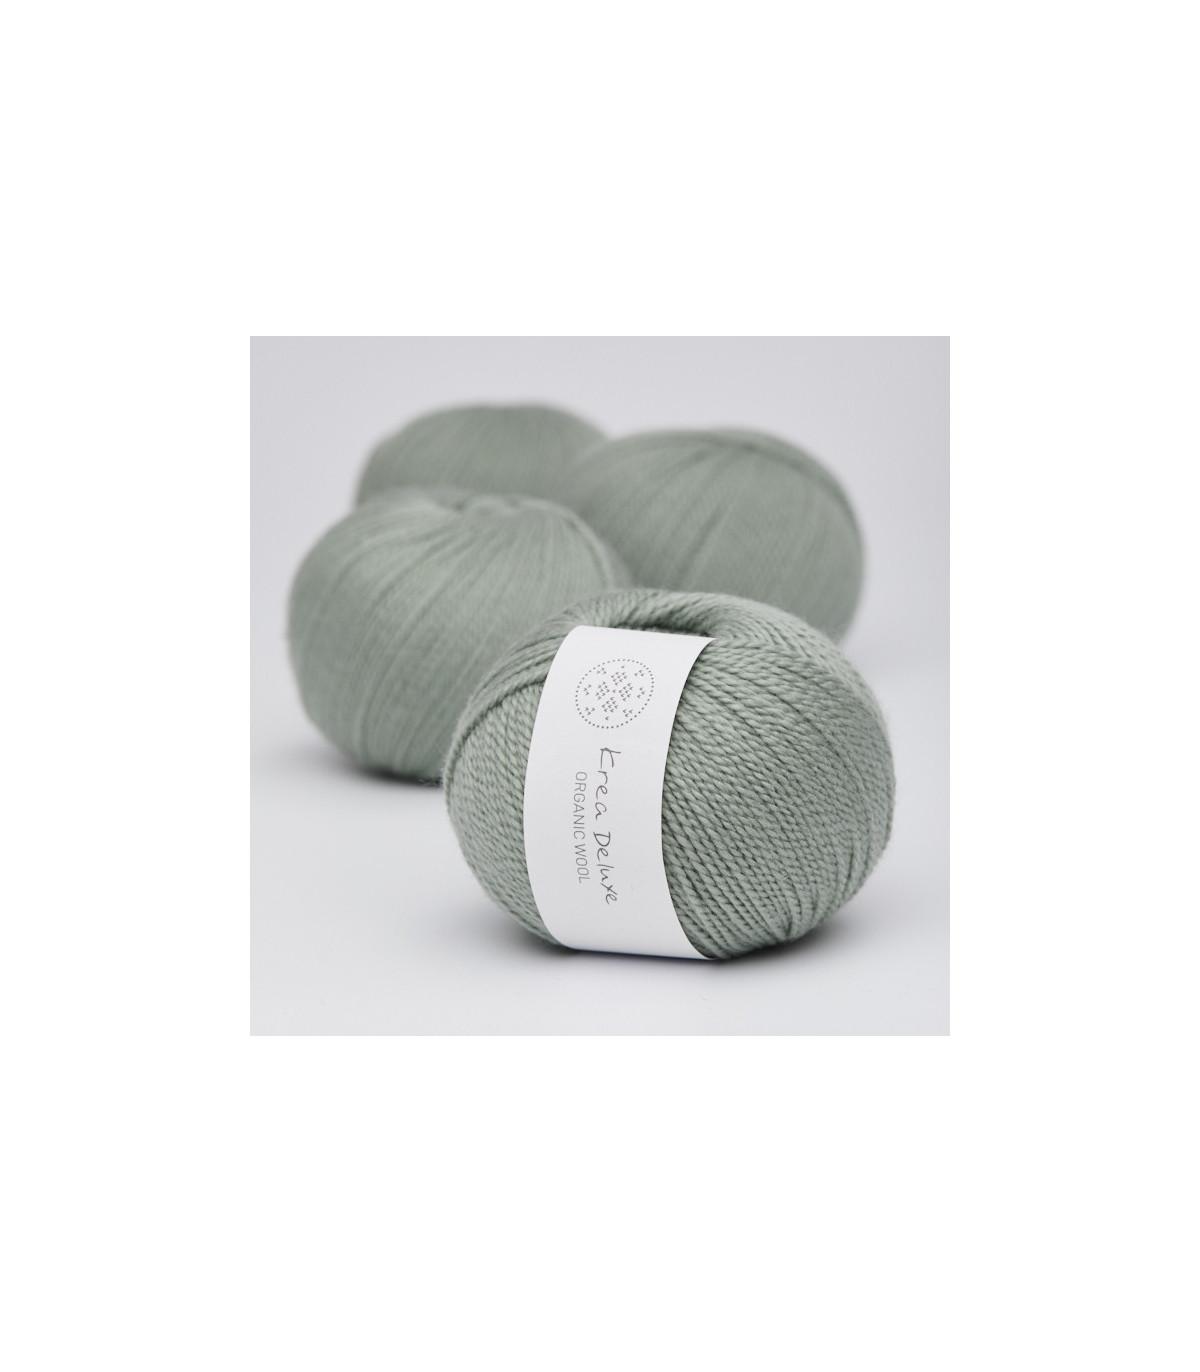 Wool 1 (Neu) - Krea Deluxe in der Farbe W 32 Hellgrün